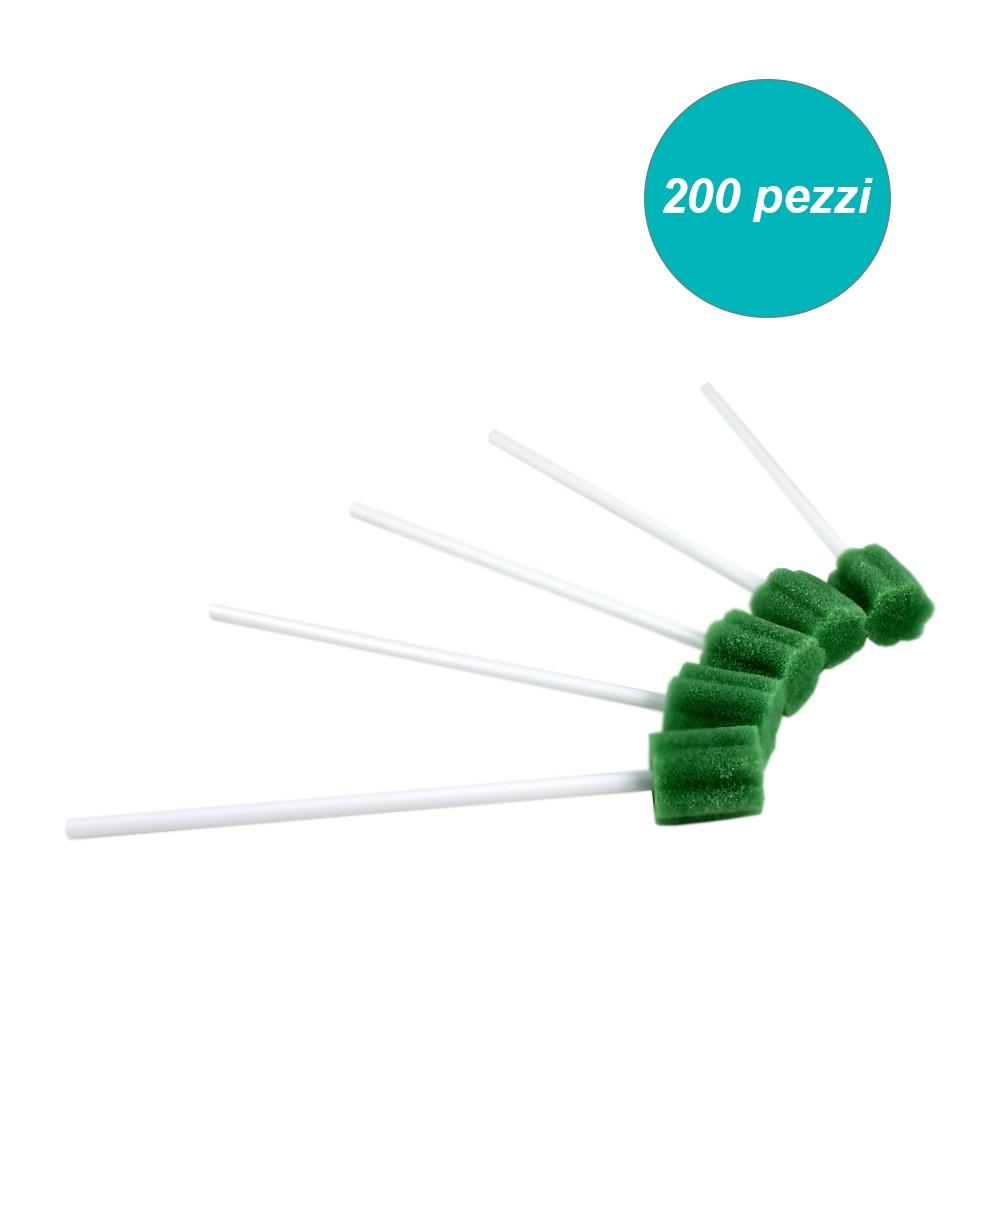 Tampone in Spugna con Rinfrescante per Igiene del Cavo Orale confezione 200 Pezzi